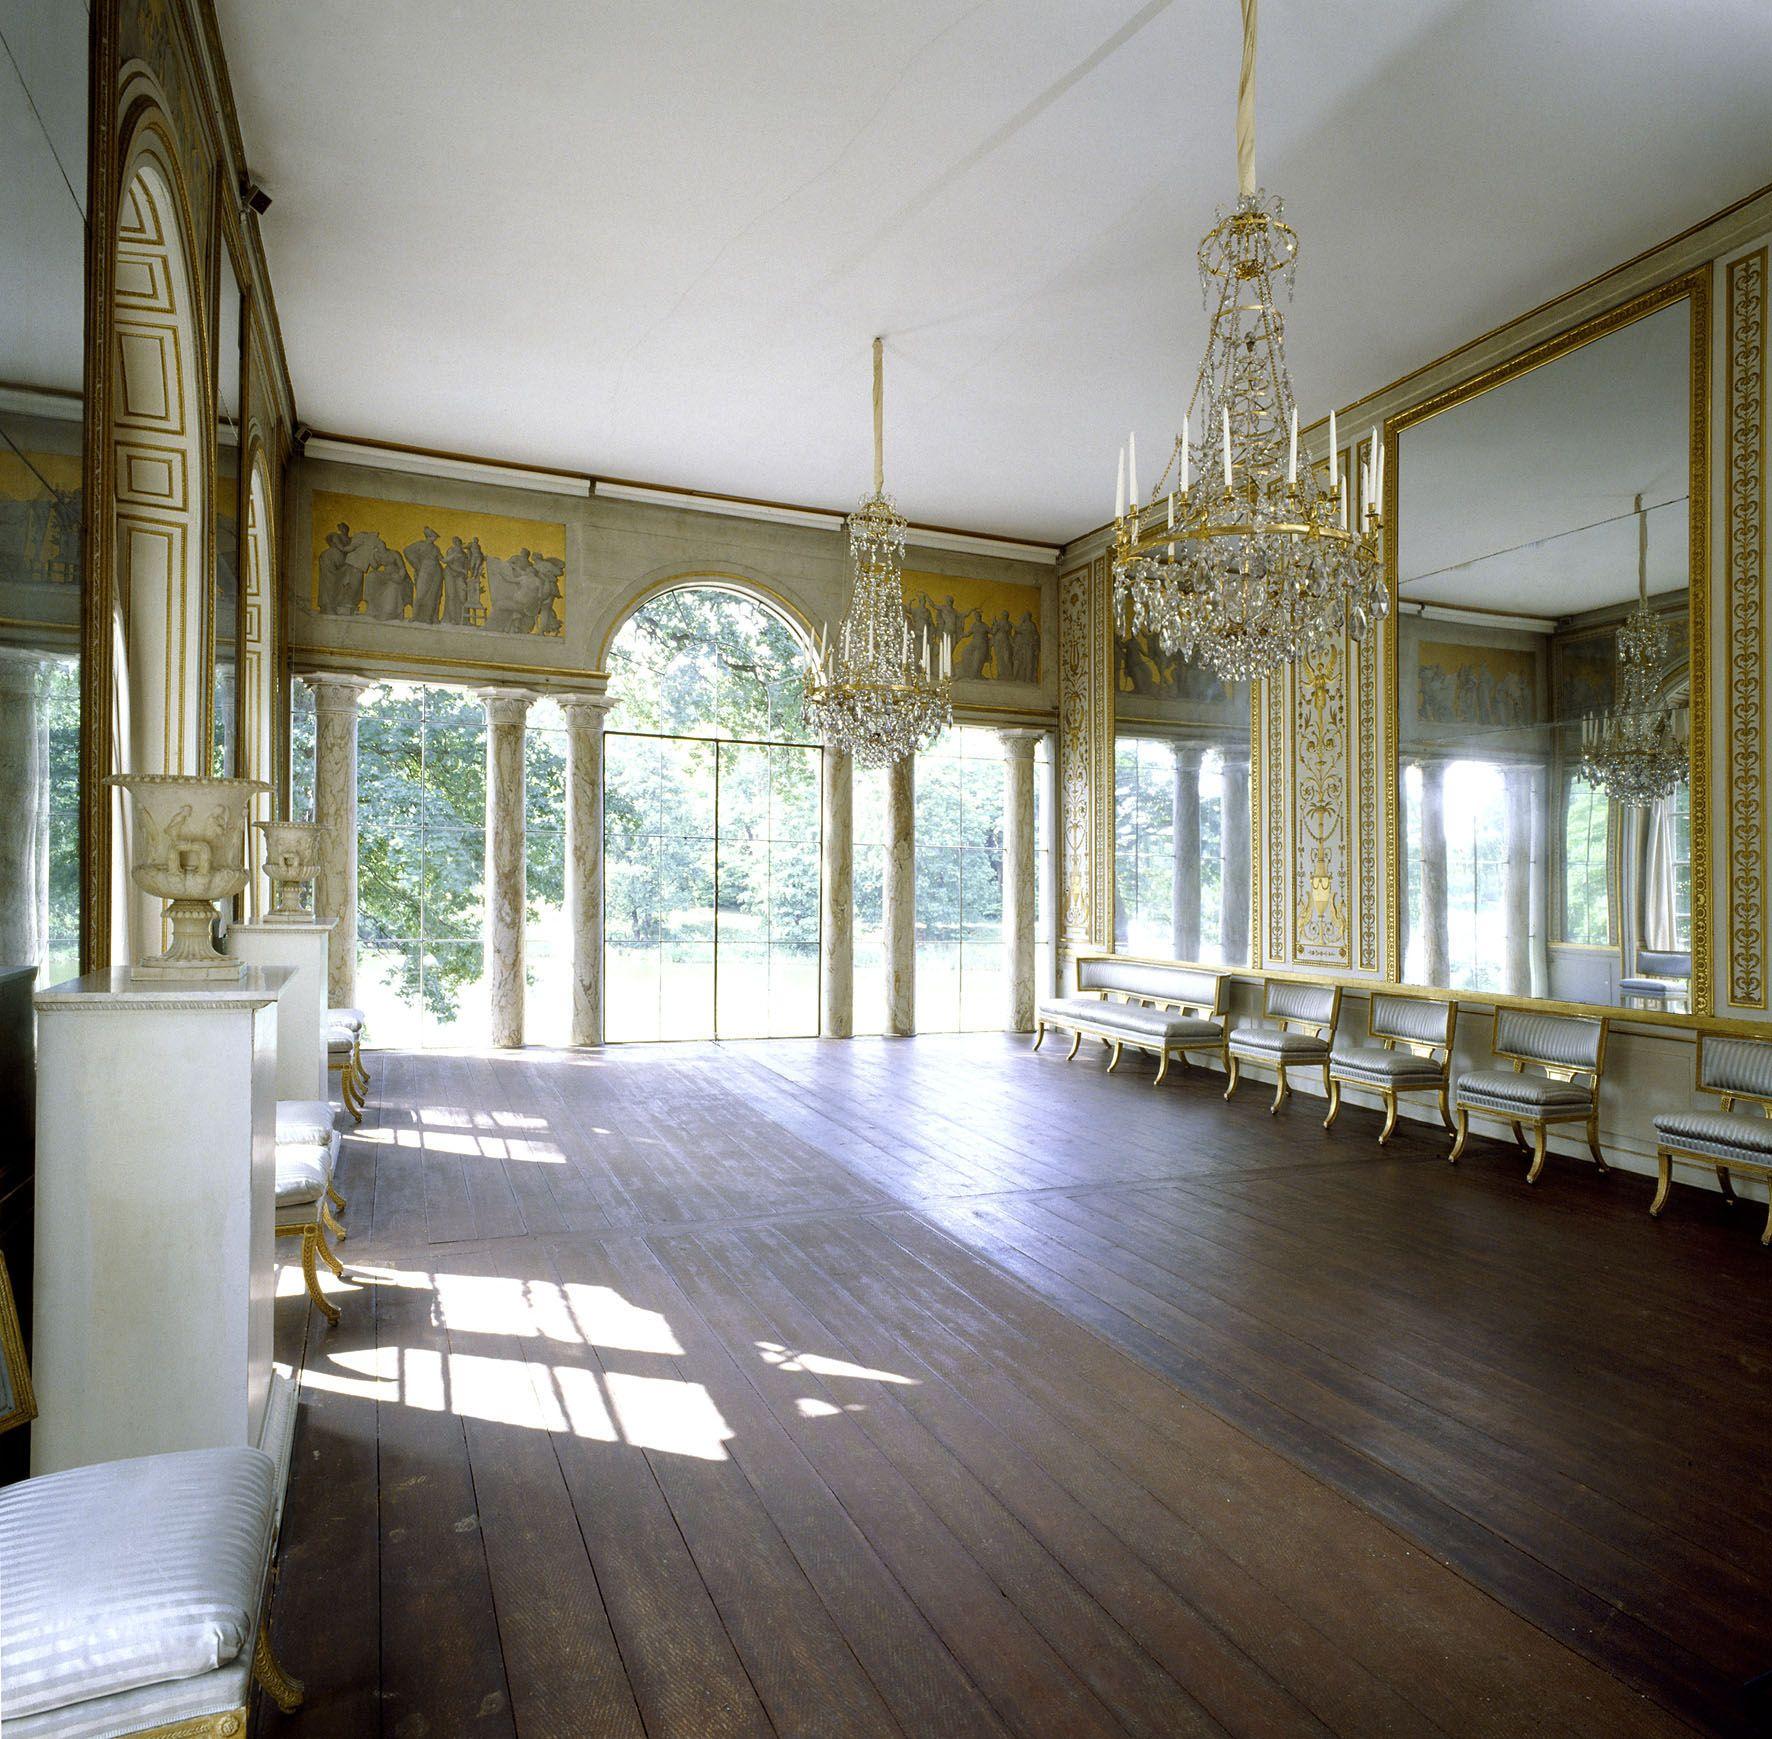 mirror salon - gustav iii's pavilion (gustav iii:s paviljong) is a